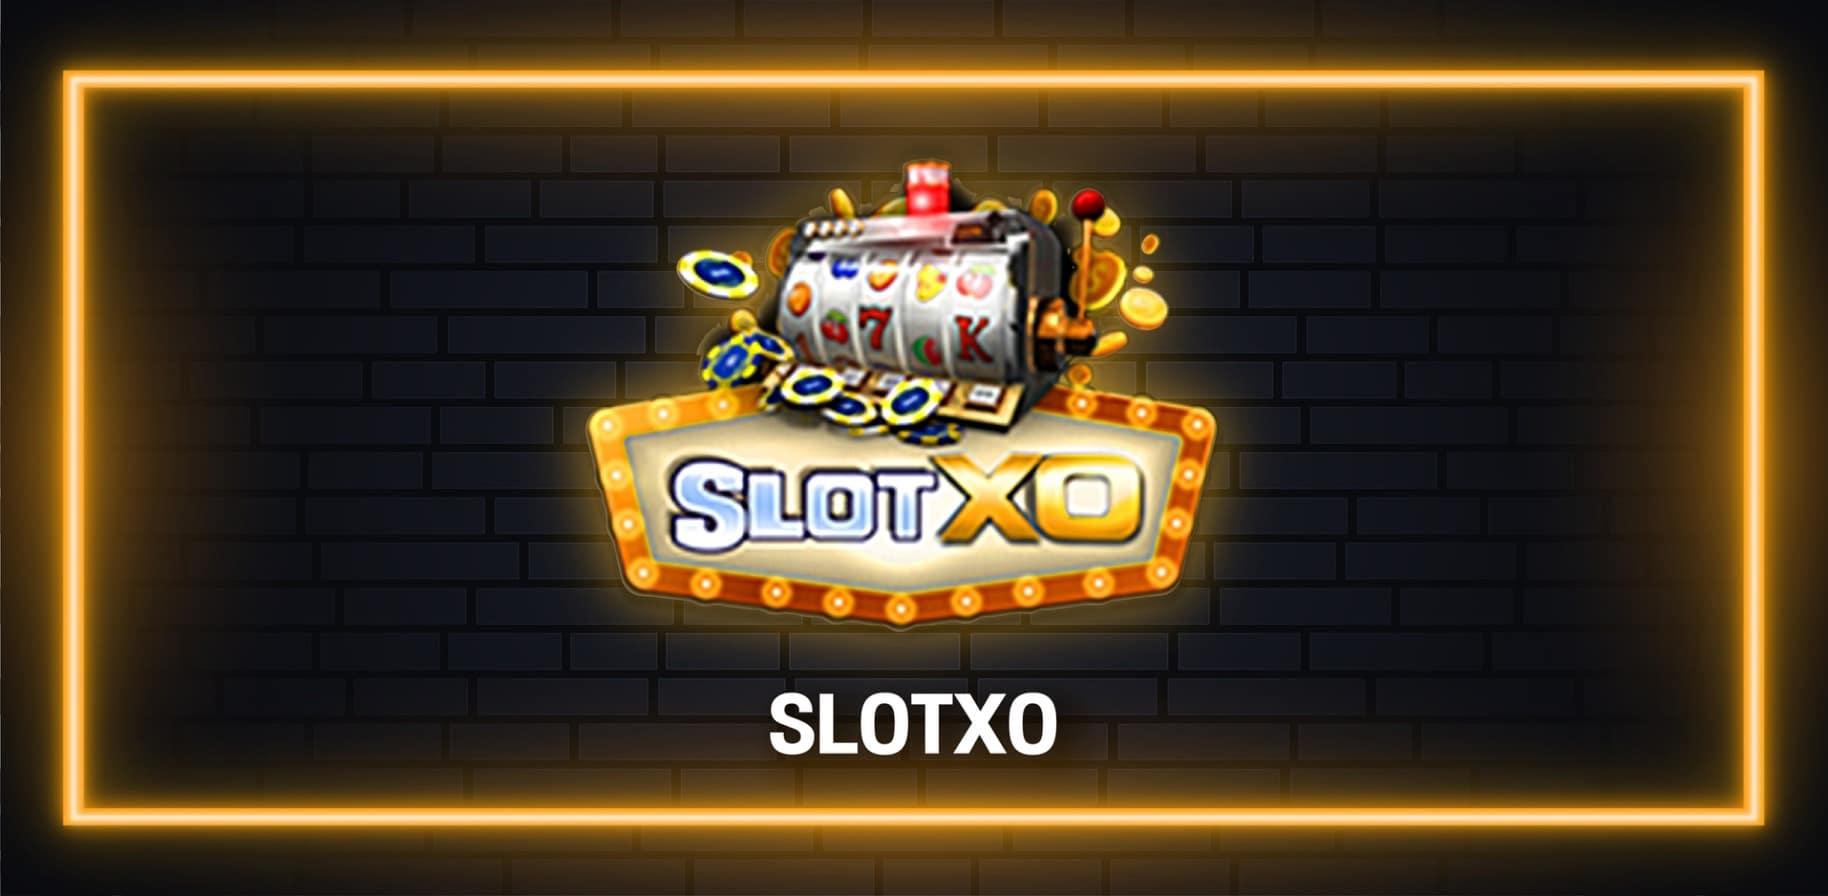 Slotxo สล็อตออนไลน์ เกมส์ออนไลน์ ได้เงินจริง 100%